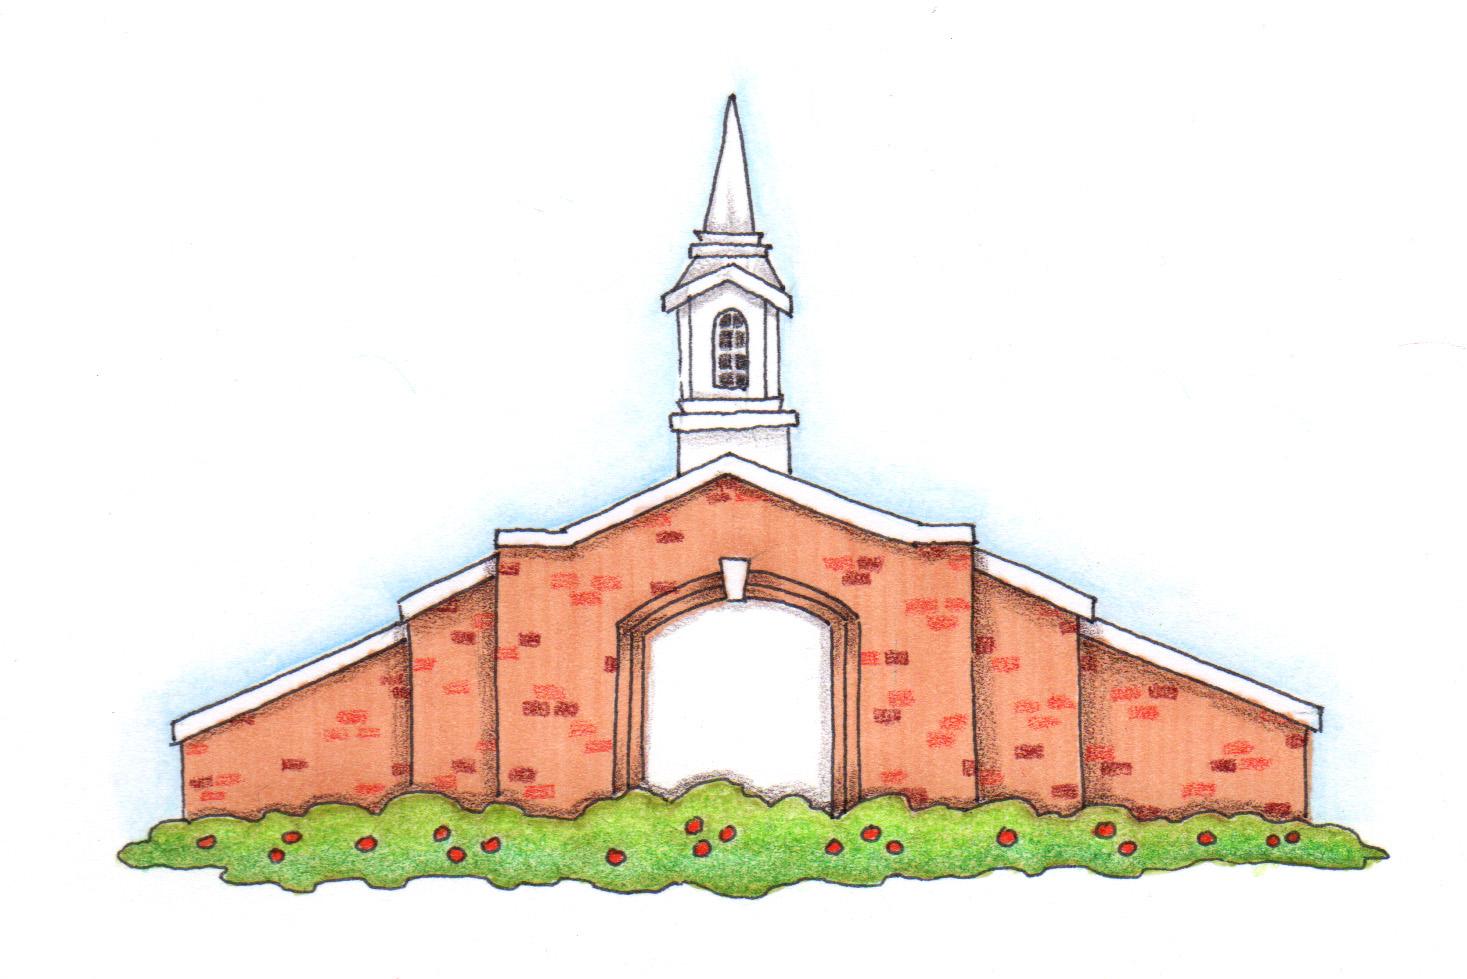 Susan fitch design house. Church clipart medieval church